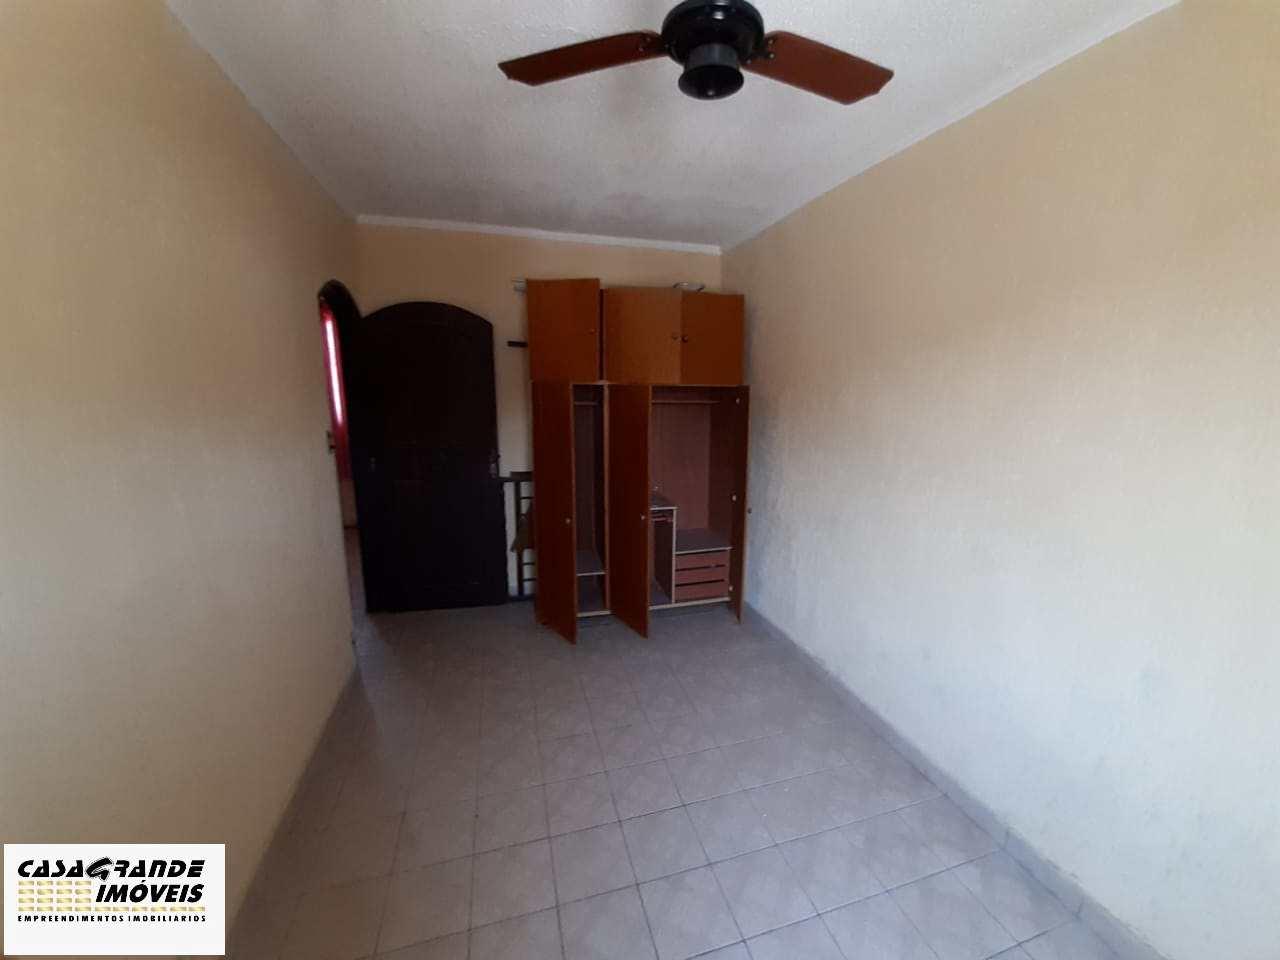 Sobrado com 2 dorms, Canto do Forte, Praia Grande - R$ 230 mil, Cod: 6277